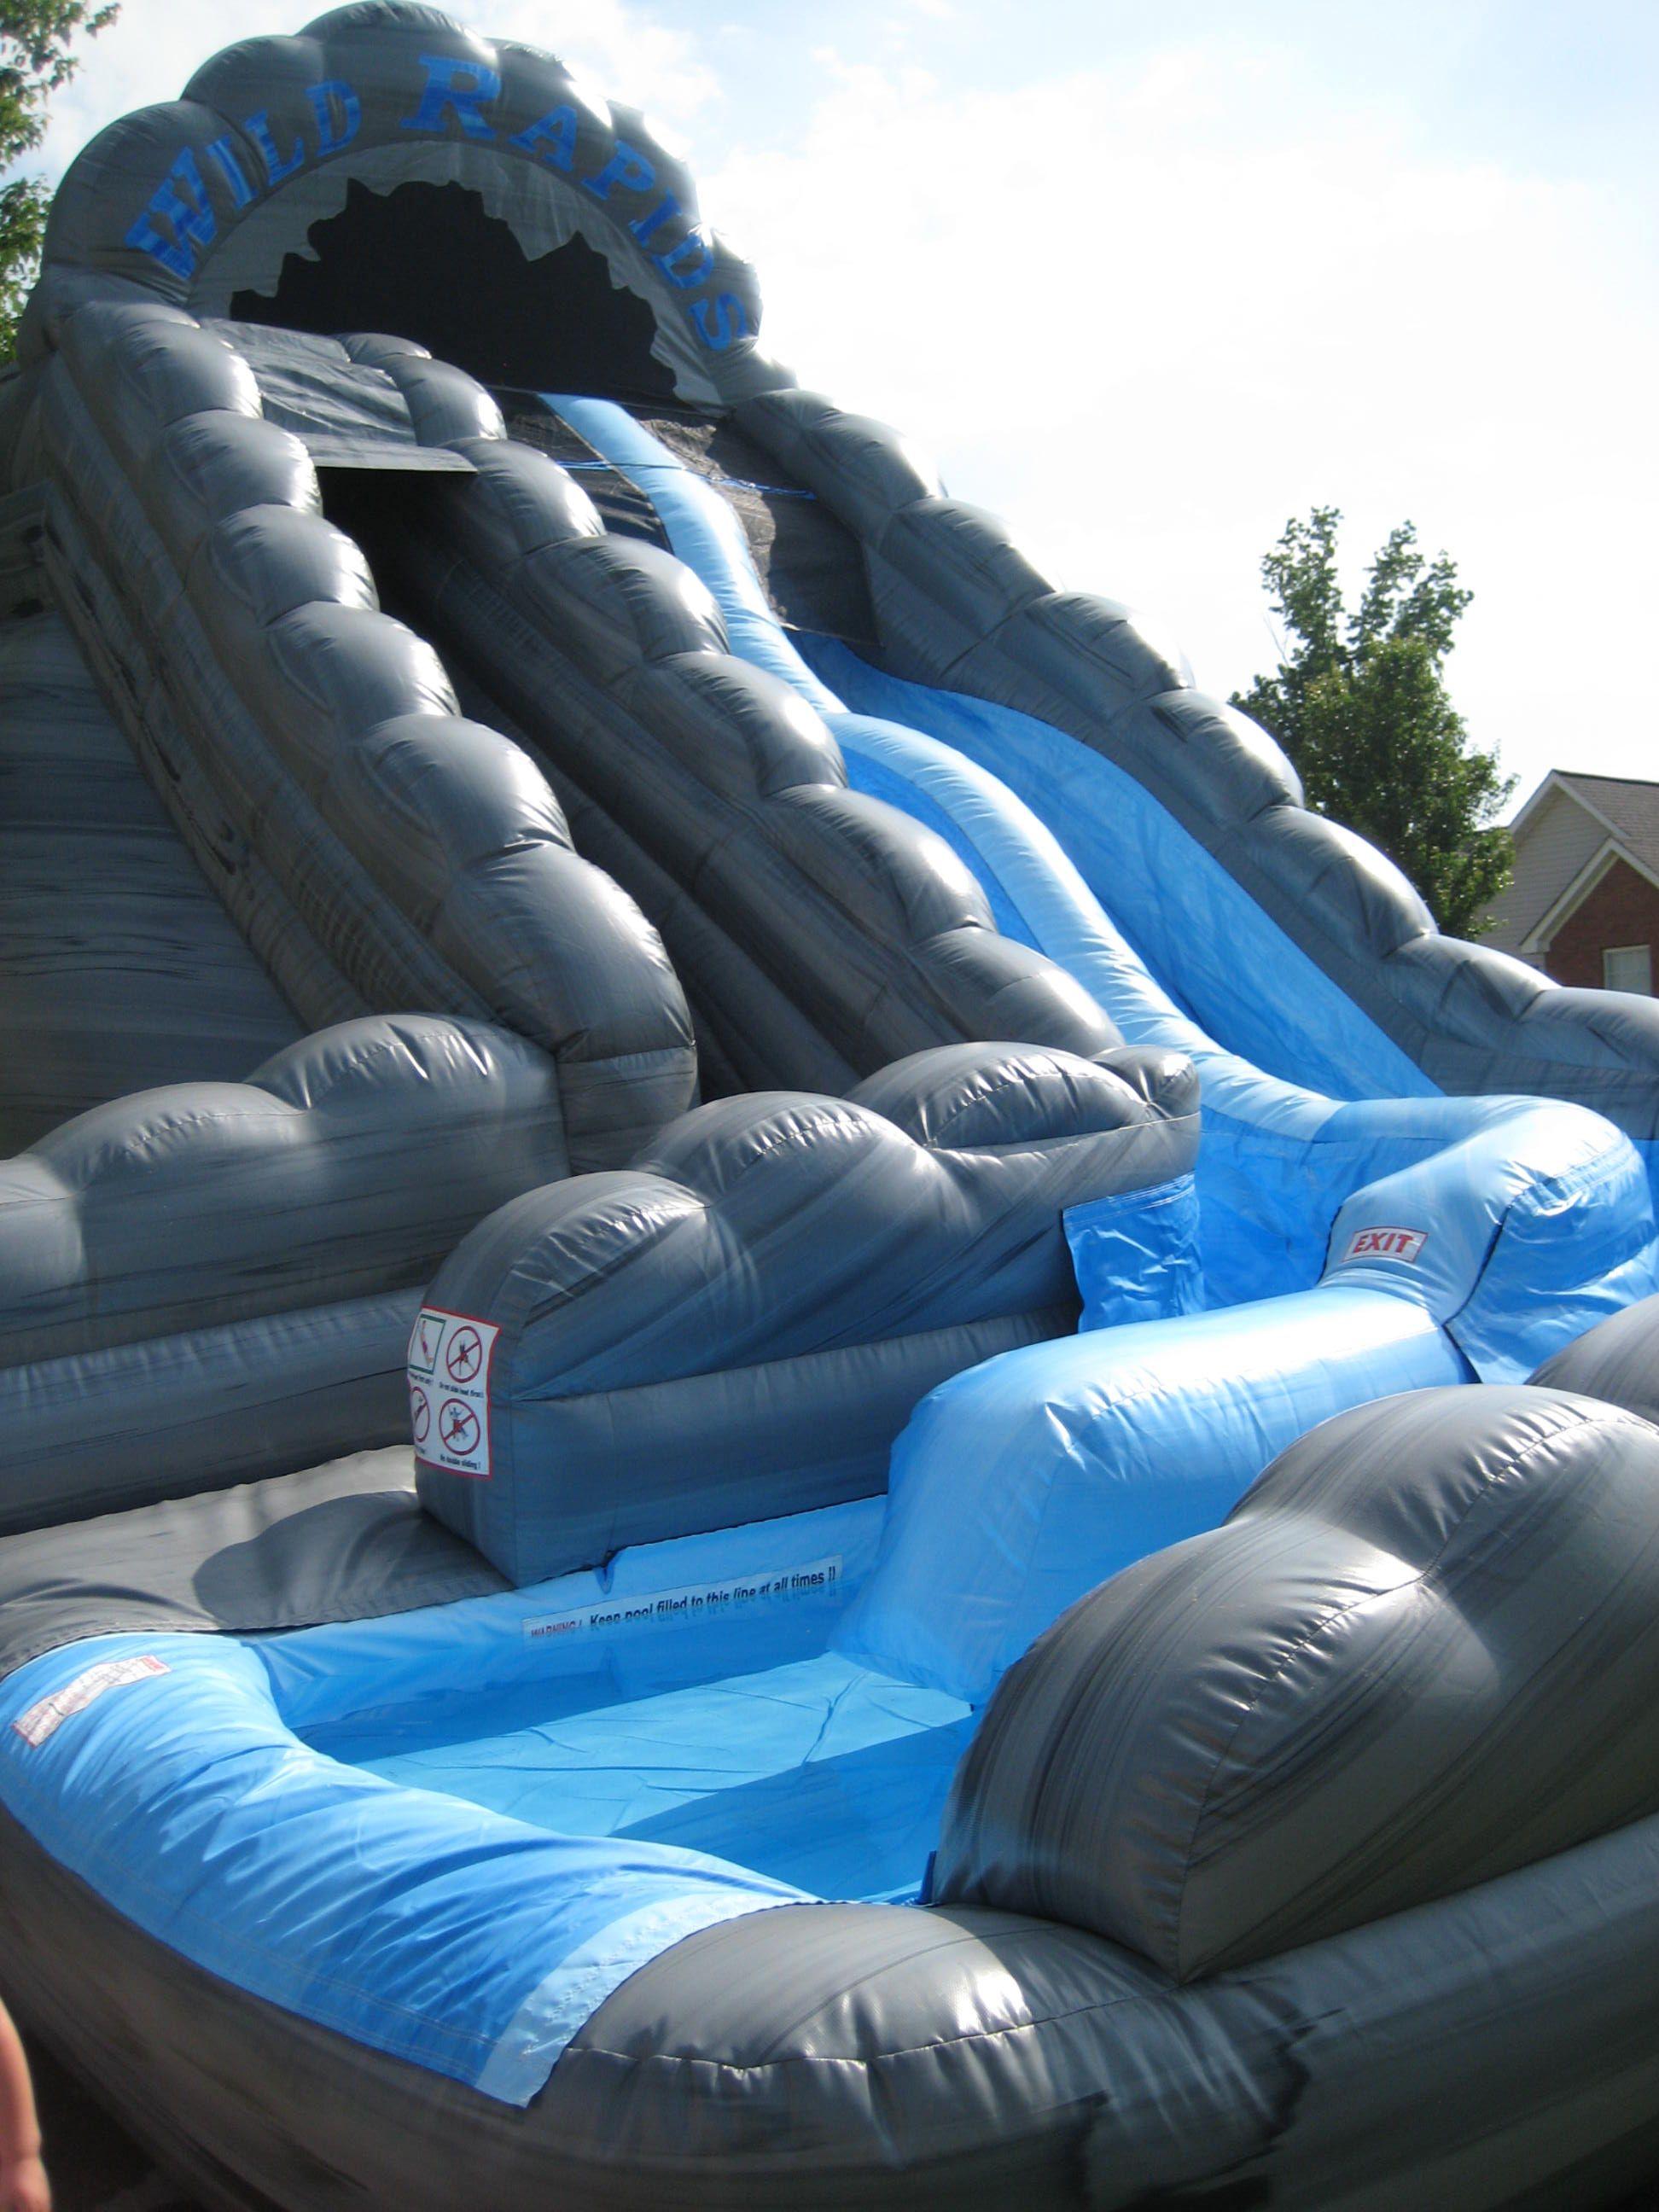 giant inflatable double lane slip slide commercial grade